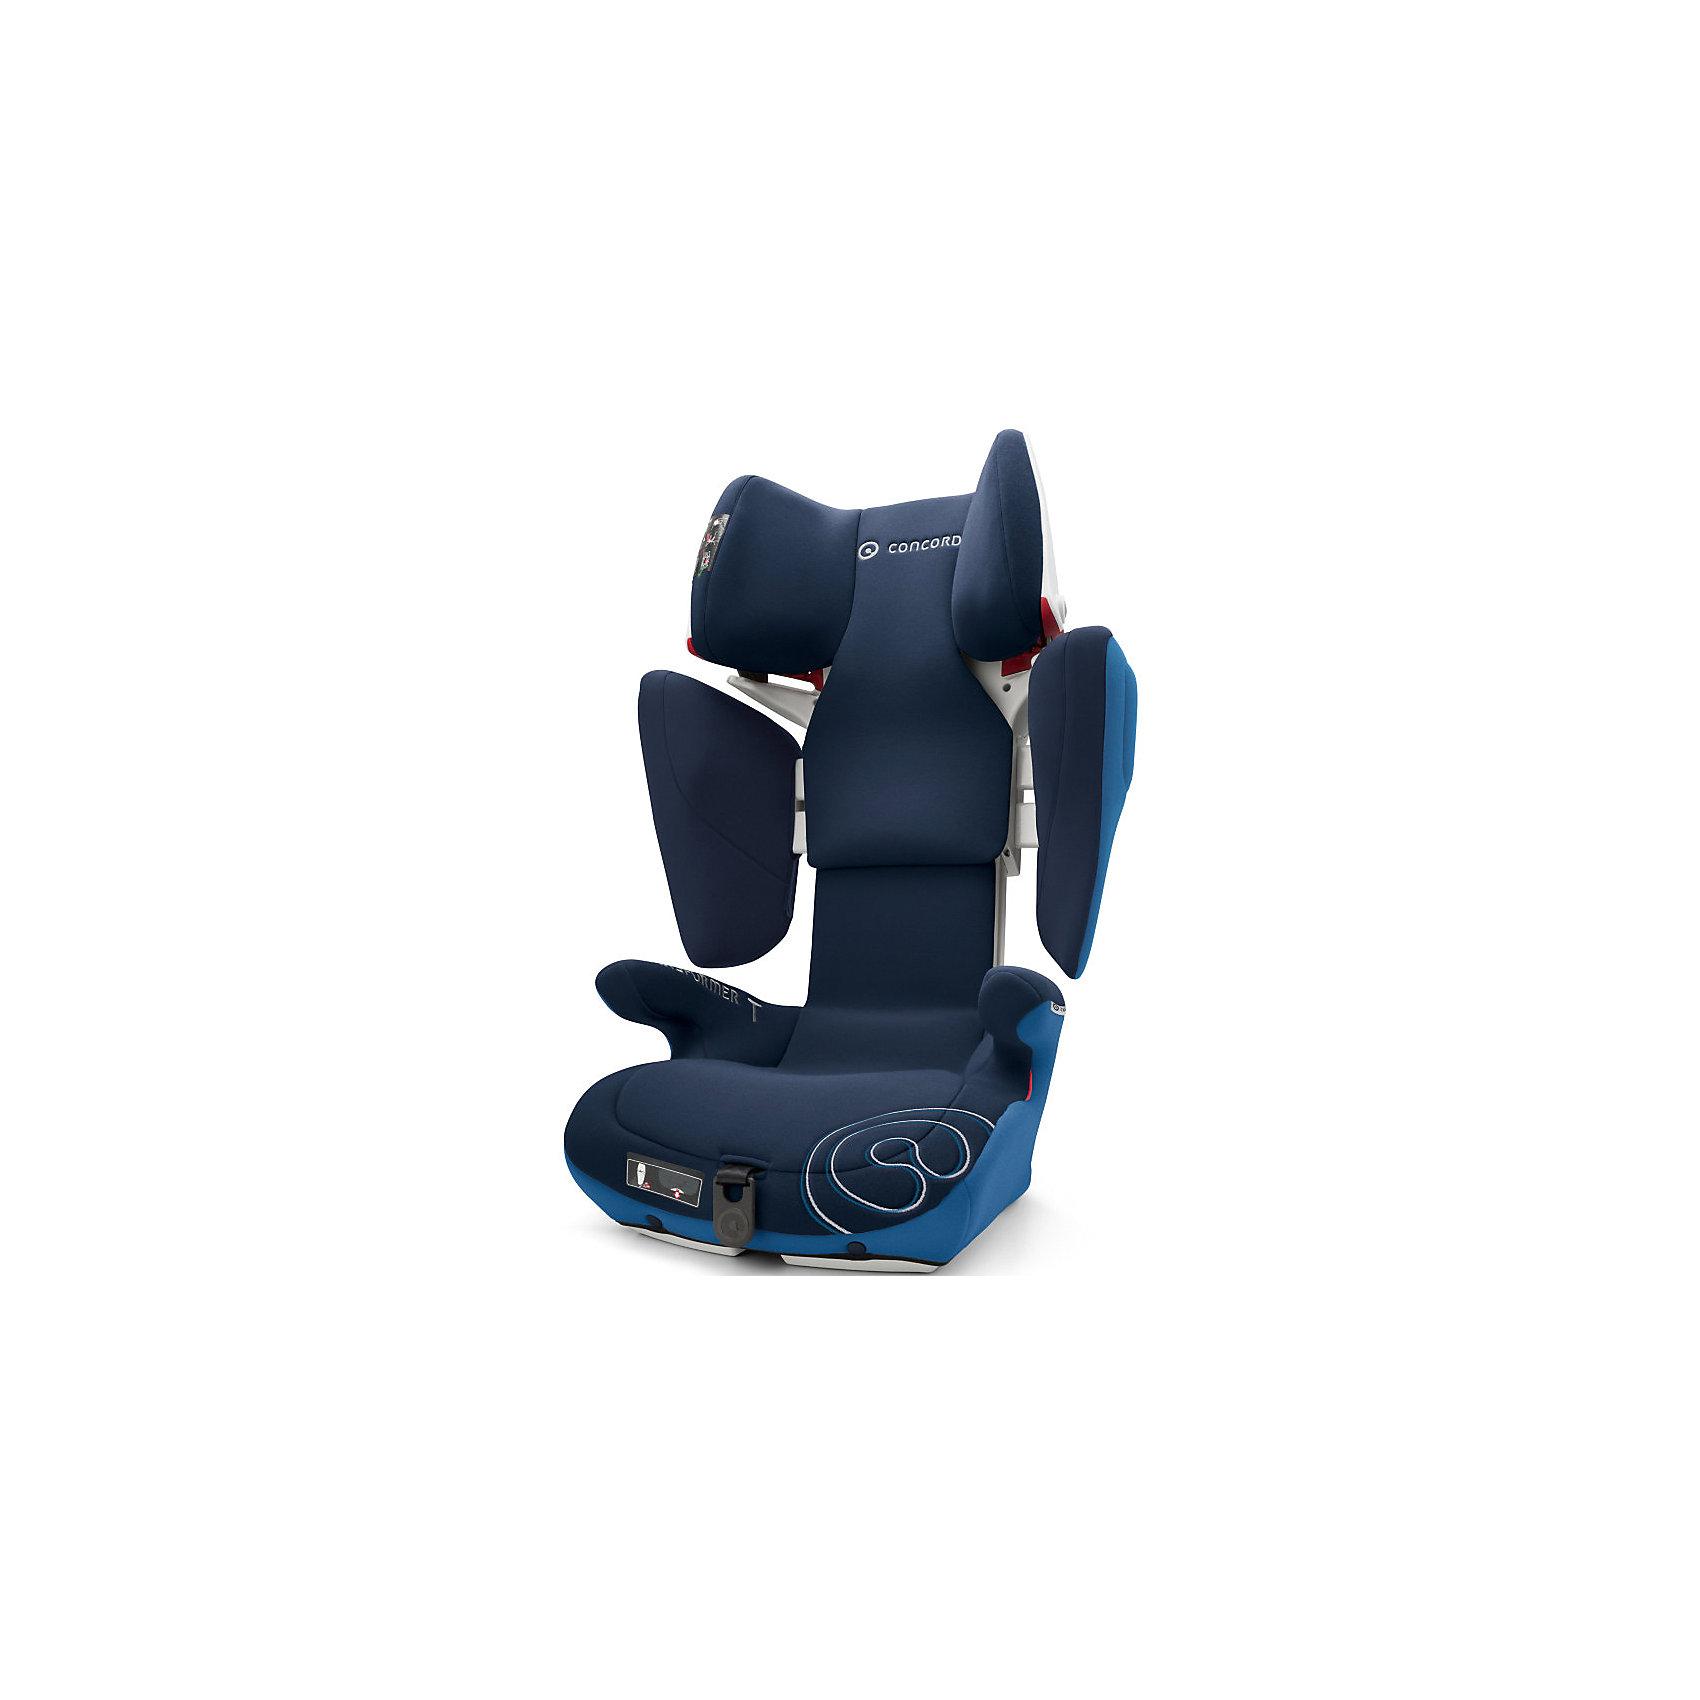 Автокресло Concord Transformer T, 15-36 кг, Ocean Blue 2016Группа 2-3 (От 15 до 36 кг)<br>Безопасное, комфортное автомобильное кресло Transformer T, Concord отличается современным дизайном, прочной подуманной конструкцией и системой регулировок. Компактная форма ракушки, объемные боковины, защитный корпус с двойными стенками обеспечивают исключительную безопасность и оптимальную защиту в случае бокового удара. Мягкие большие подлокотники, мягкое сидение, дополнительная смягчающая сиденье вставка идеально подходят для комфортного путешествия. За счёт использования пневмо-механизма увеличить высоту подголовника (20 положений)  и расширить боковины можно нажатием на одну кнопку. Автокресло крепится в автомобиле с помощью штатного ремня безопасности автомобиля к скобам Isofix автомобиля. Красные направляющие позволят правильно расположить ремни. Направляющие автомобильного ремня в подголовнике пропускают ремень только в одну сторону, исключая его самопроизвольное выпадение. В автокреслах Transformer T, Concord использована концепция TRIZONE, за счет которой сочетаются разные типы тканей обивки. В нижней части кресла используются износостойкие материалы, в средней части используются материалы большой пропускной способности, для обеспечения хорошей вентиляции, в местах соприкосновения с кожей ребенка используется мягкая и деликатная ткань. Обивка из высококачественных материалов, легко снимается и стирается в режиме деликатной стирки при температуре 30 градусах.<br><br>Дополнительная информация:<br><br>- Группа 2-3 от 3 до 12 лет (15-36 кг)<br>- Размер в минимальной позиции: 46 х 49 х 62 см.<br>- Размер в максимальной позиции: 46 х 55 х 82 см.<br>- Вес: 7,7 кг.<br>- Направление установки: по ходу движения автомобиля<br>- Соответствует стандарту ECE R 44/04<br>- Автокресло Transformer T Concord по результатам испытаний Eurotest, проводимых Stiftung Warentest, а также организациями ?AMTC и ADAC (ведущие организации, проверяющие надежность и качество детских автомобильных кр